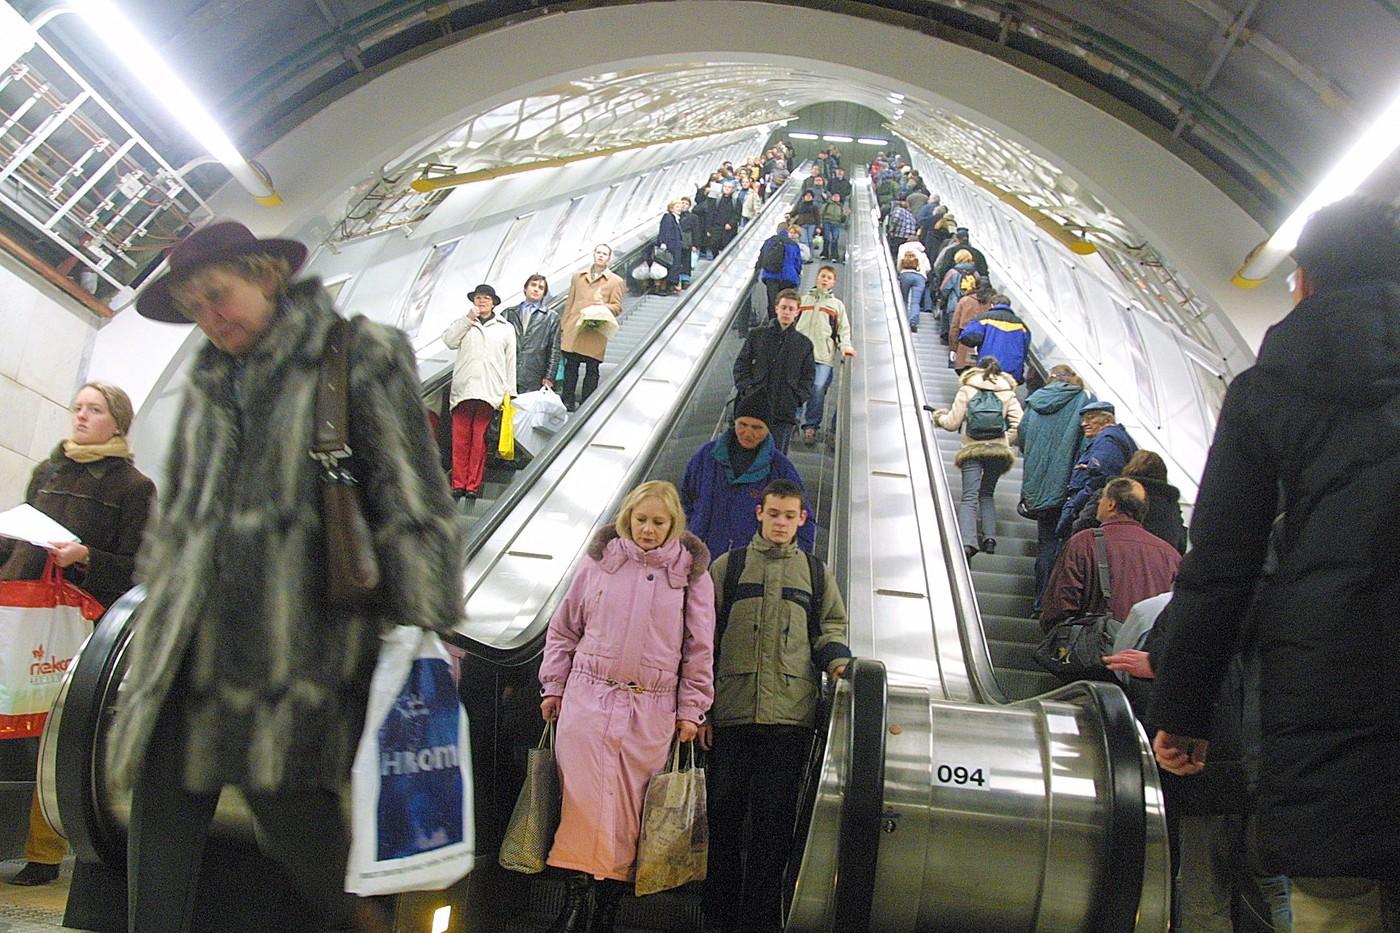 Nebezpečnou vadu má pět eskalátorů v metru, zůstanou zatím mimo provoz